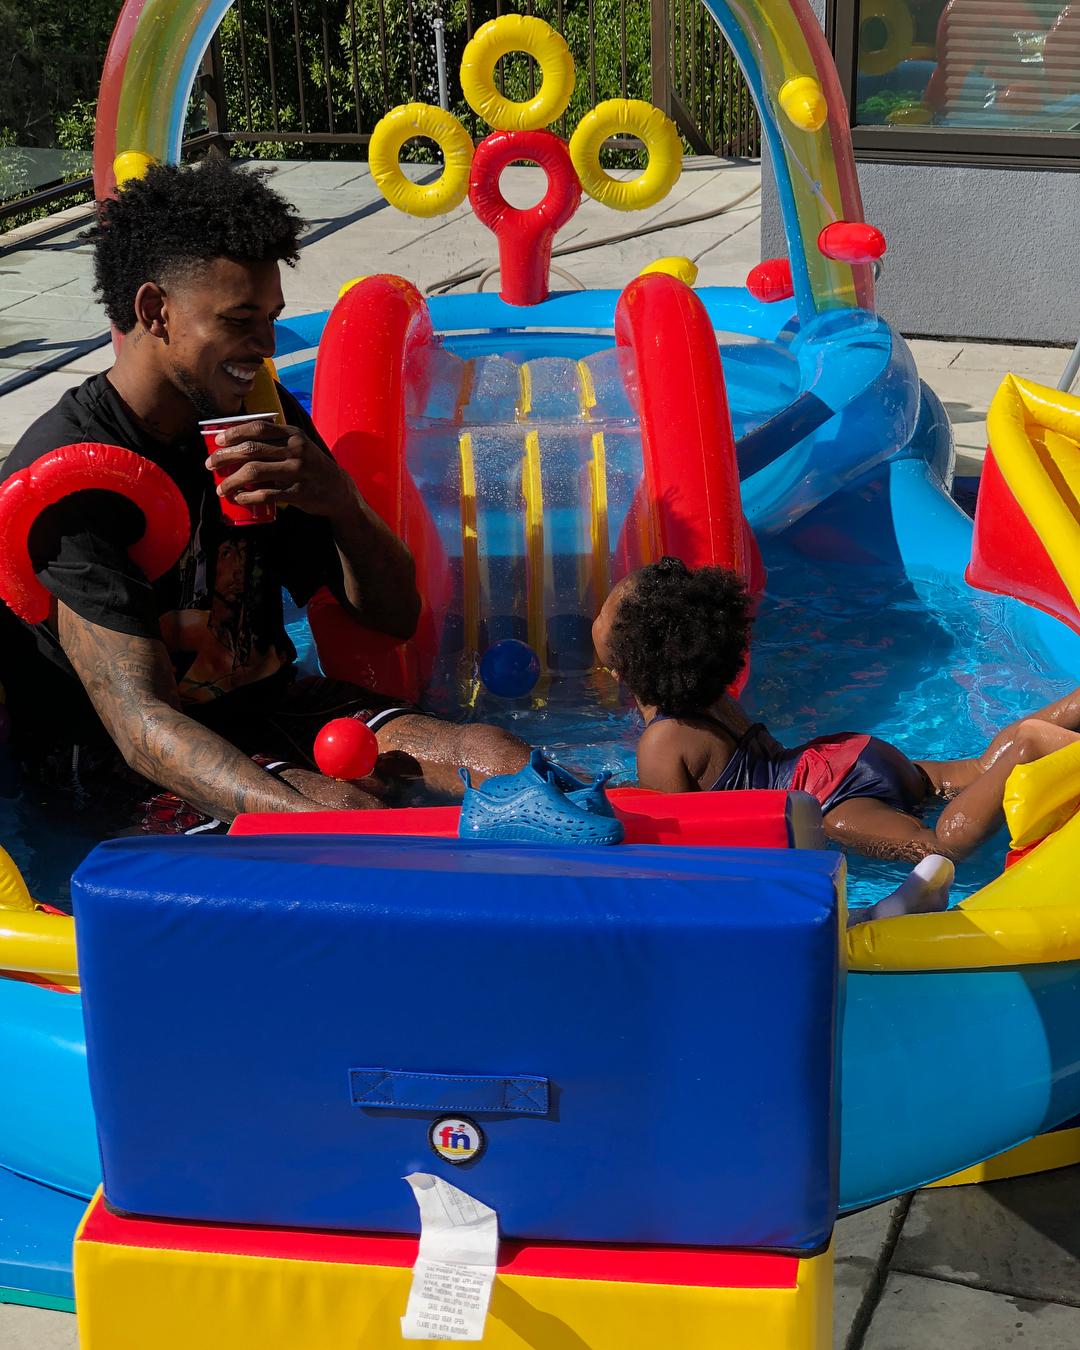 大孩子!尼克-杨发布与女儿在池子中玩耍的照片